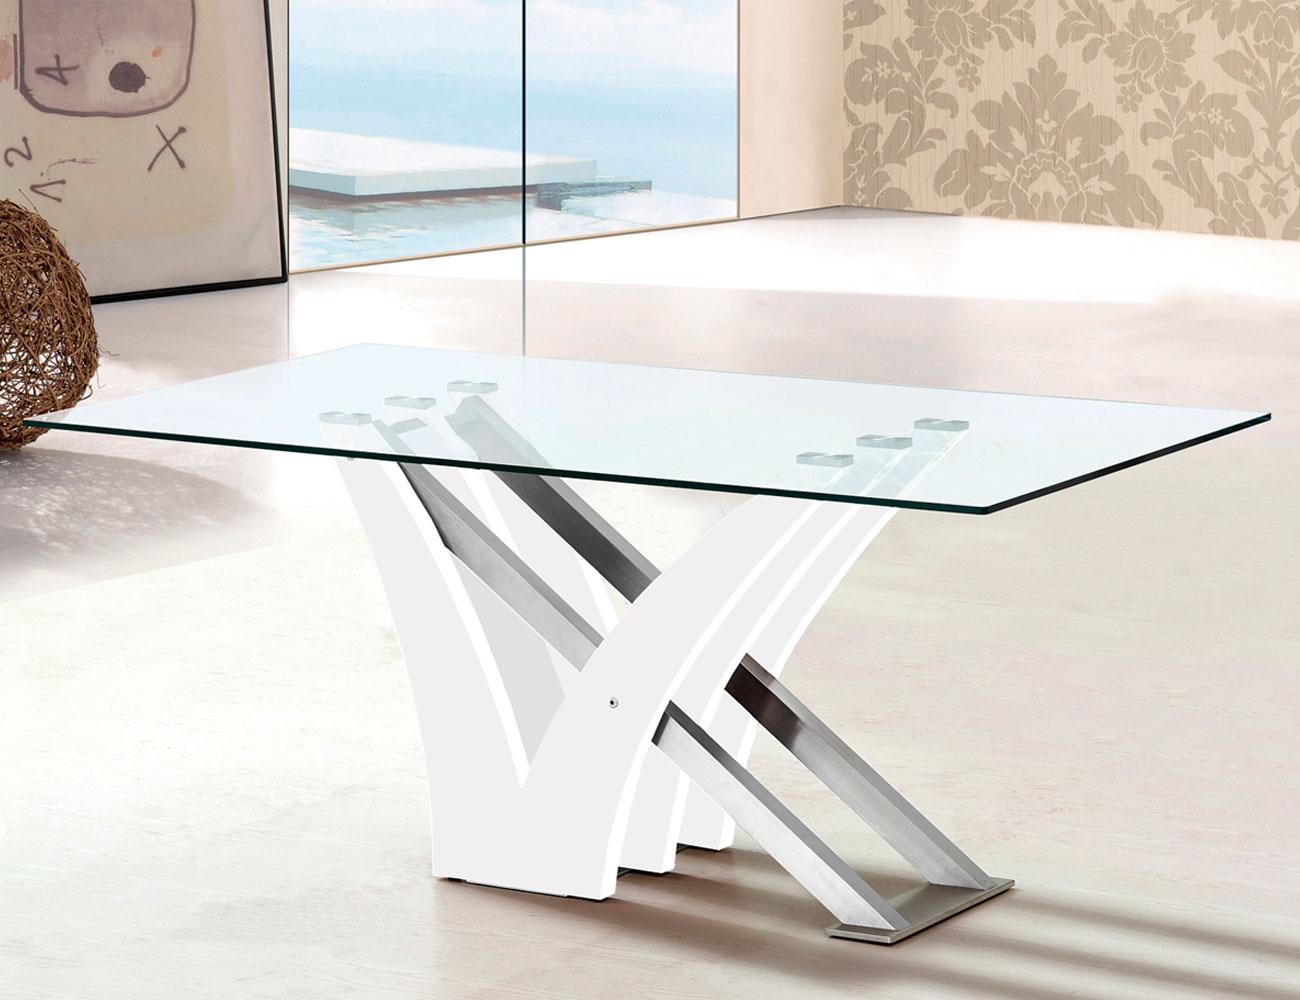 Mesa comedor cristal templado blanco1